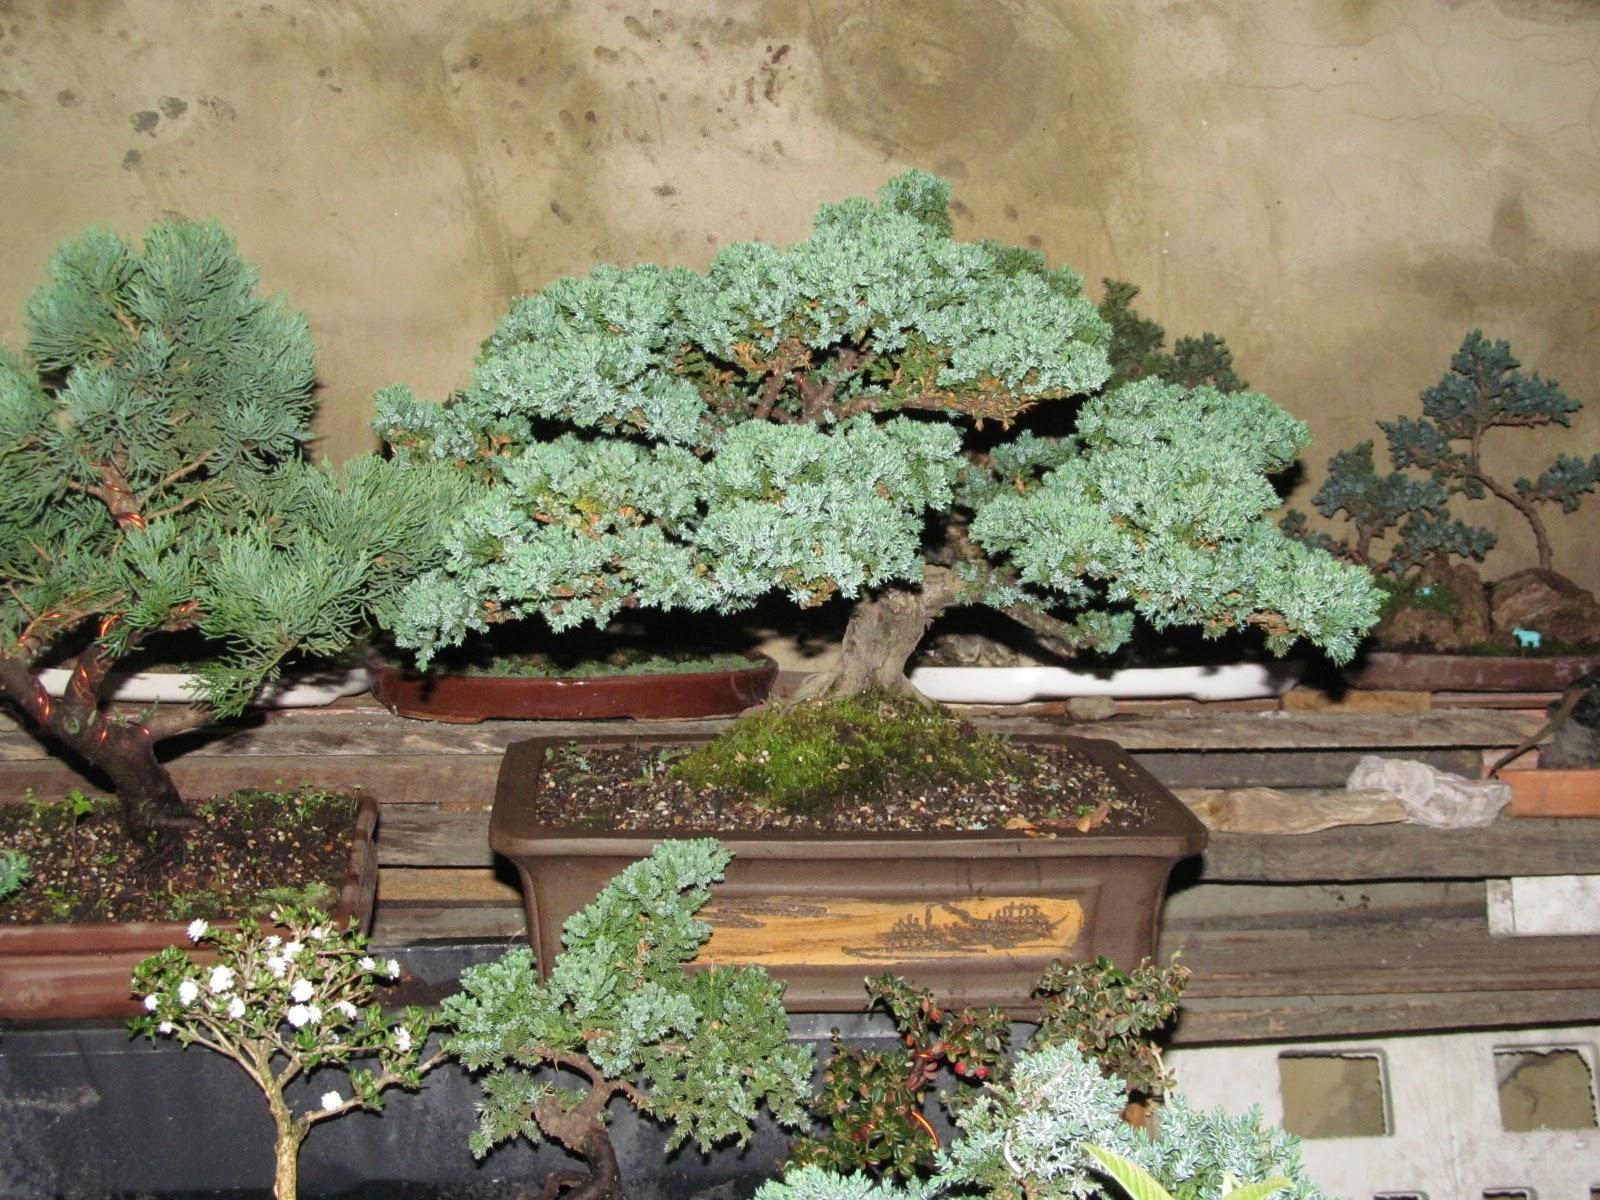 Exposicion de bonsai en el jardin botanico de bogota - Jardin de bonsais ...